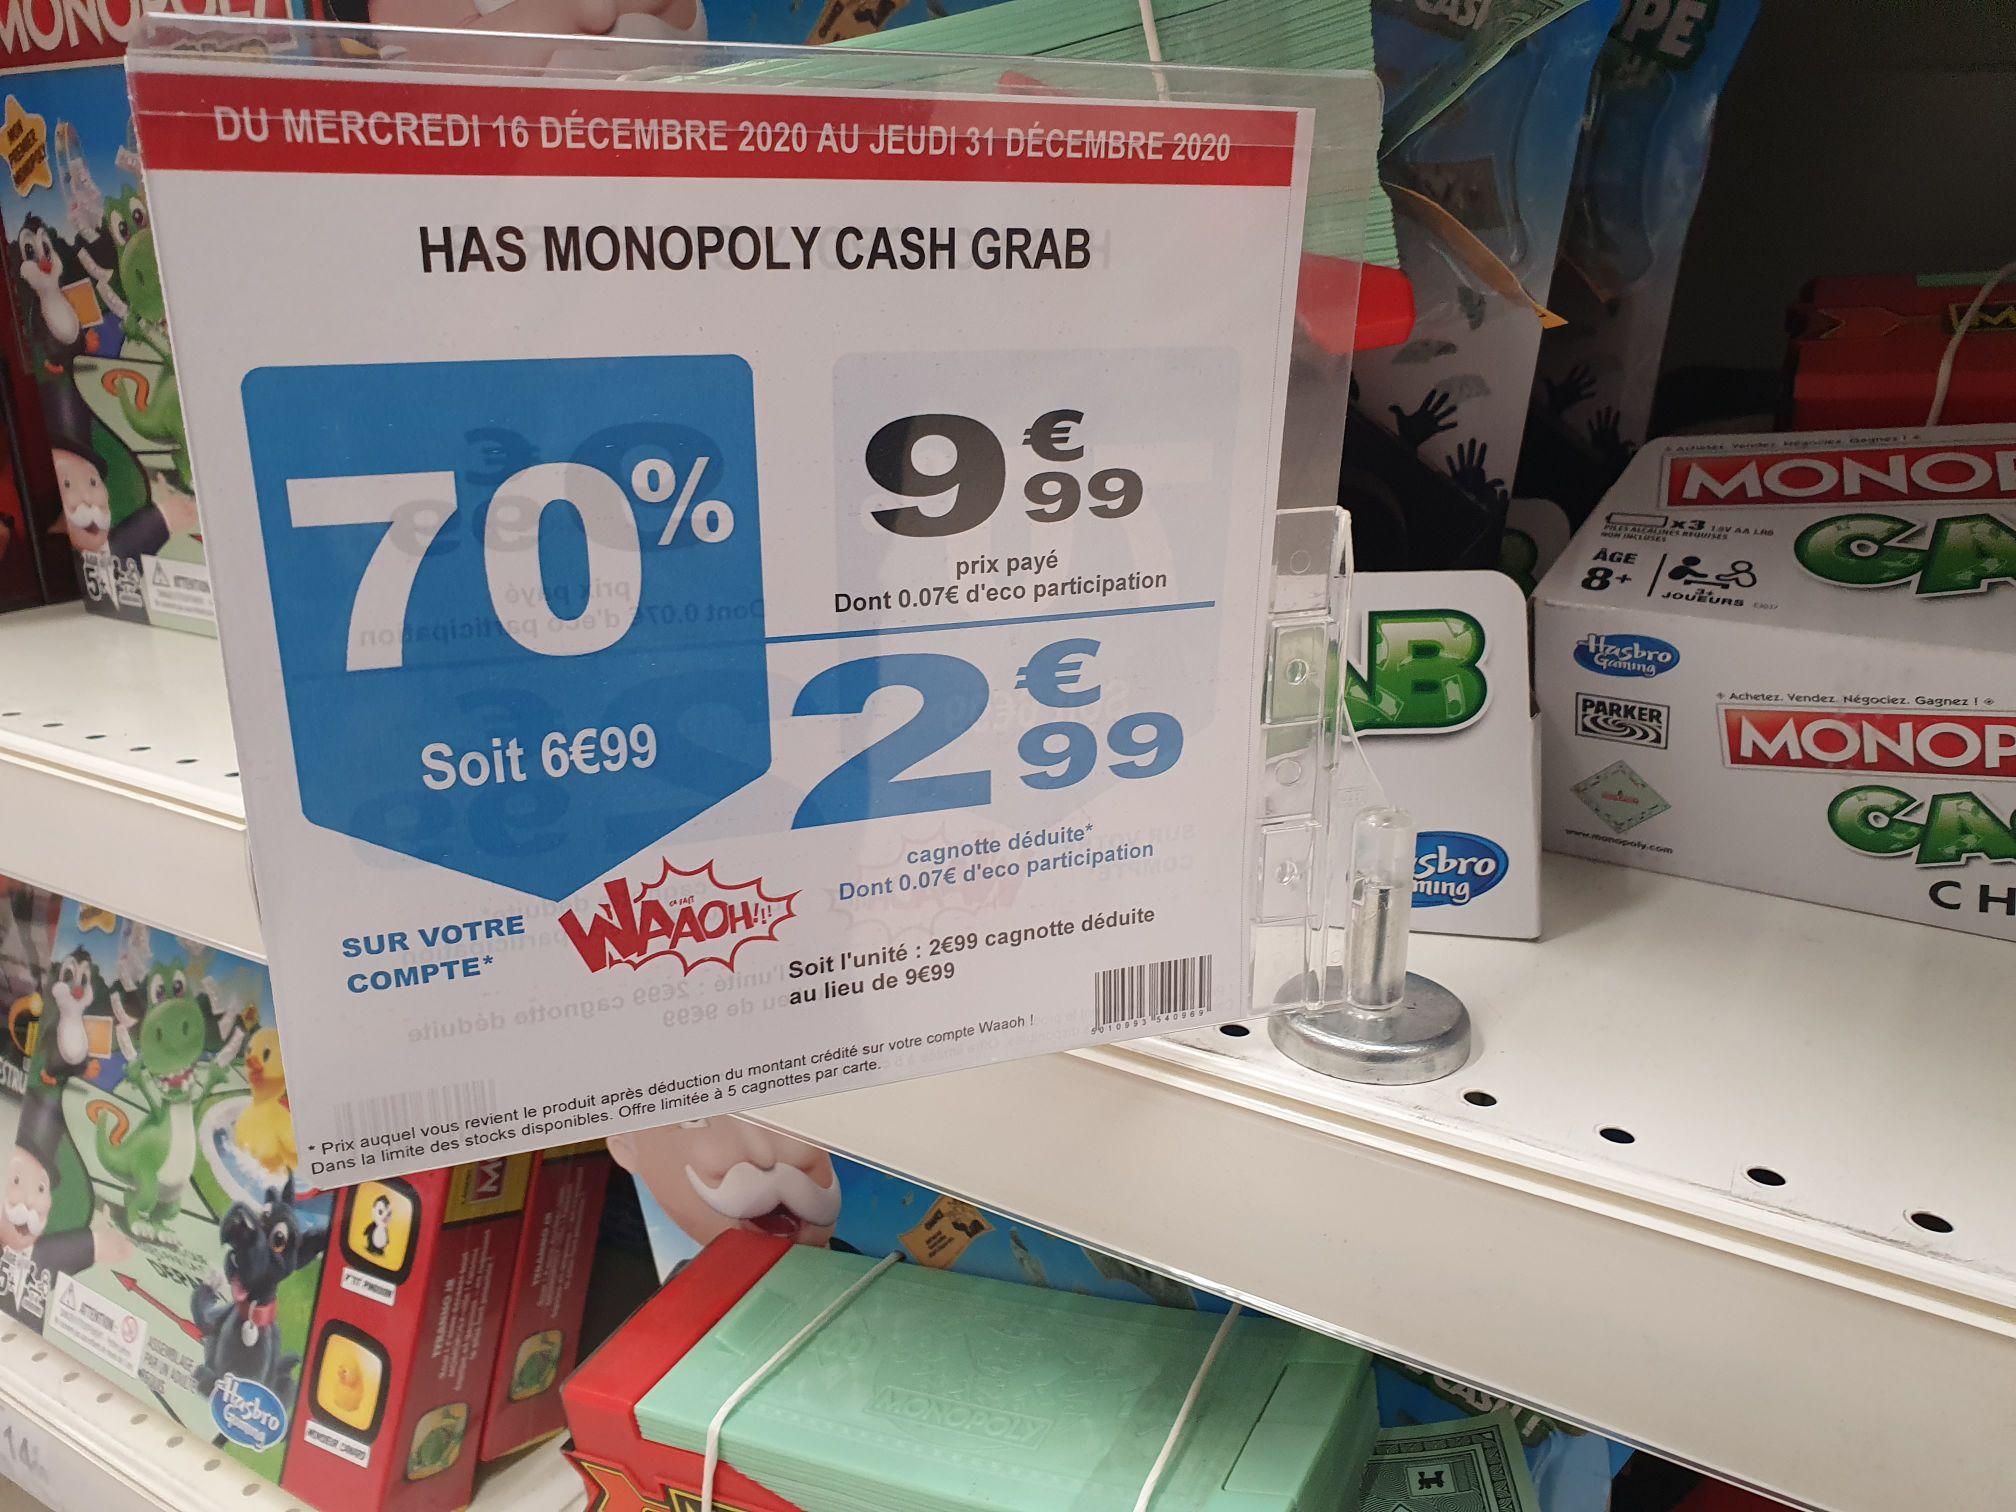 Jeu de société Monopoly Crash Grab (Via 6.99€ sur la carte) - Louvroil (59)